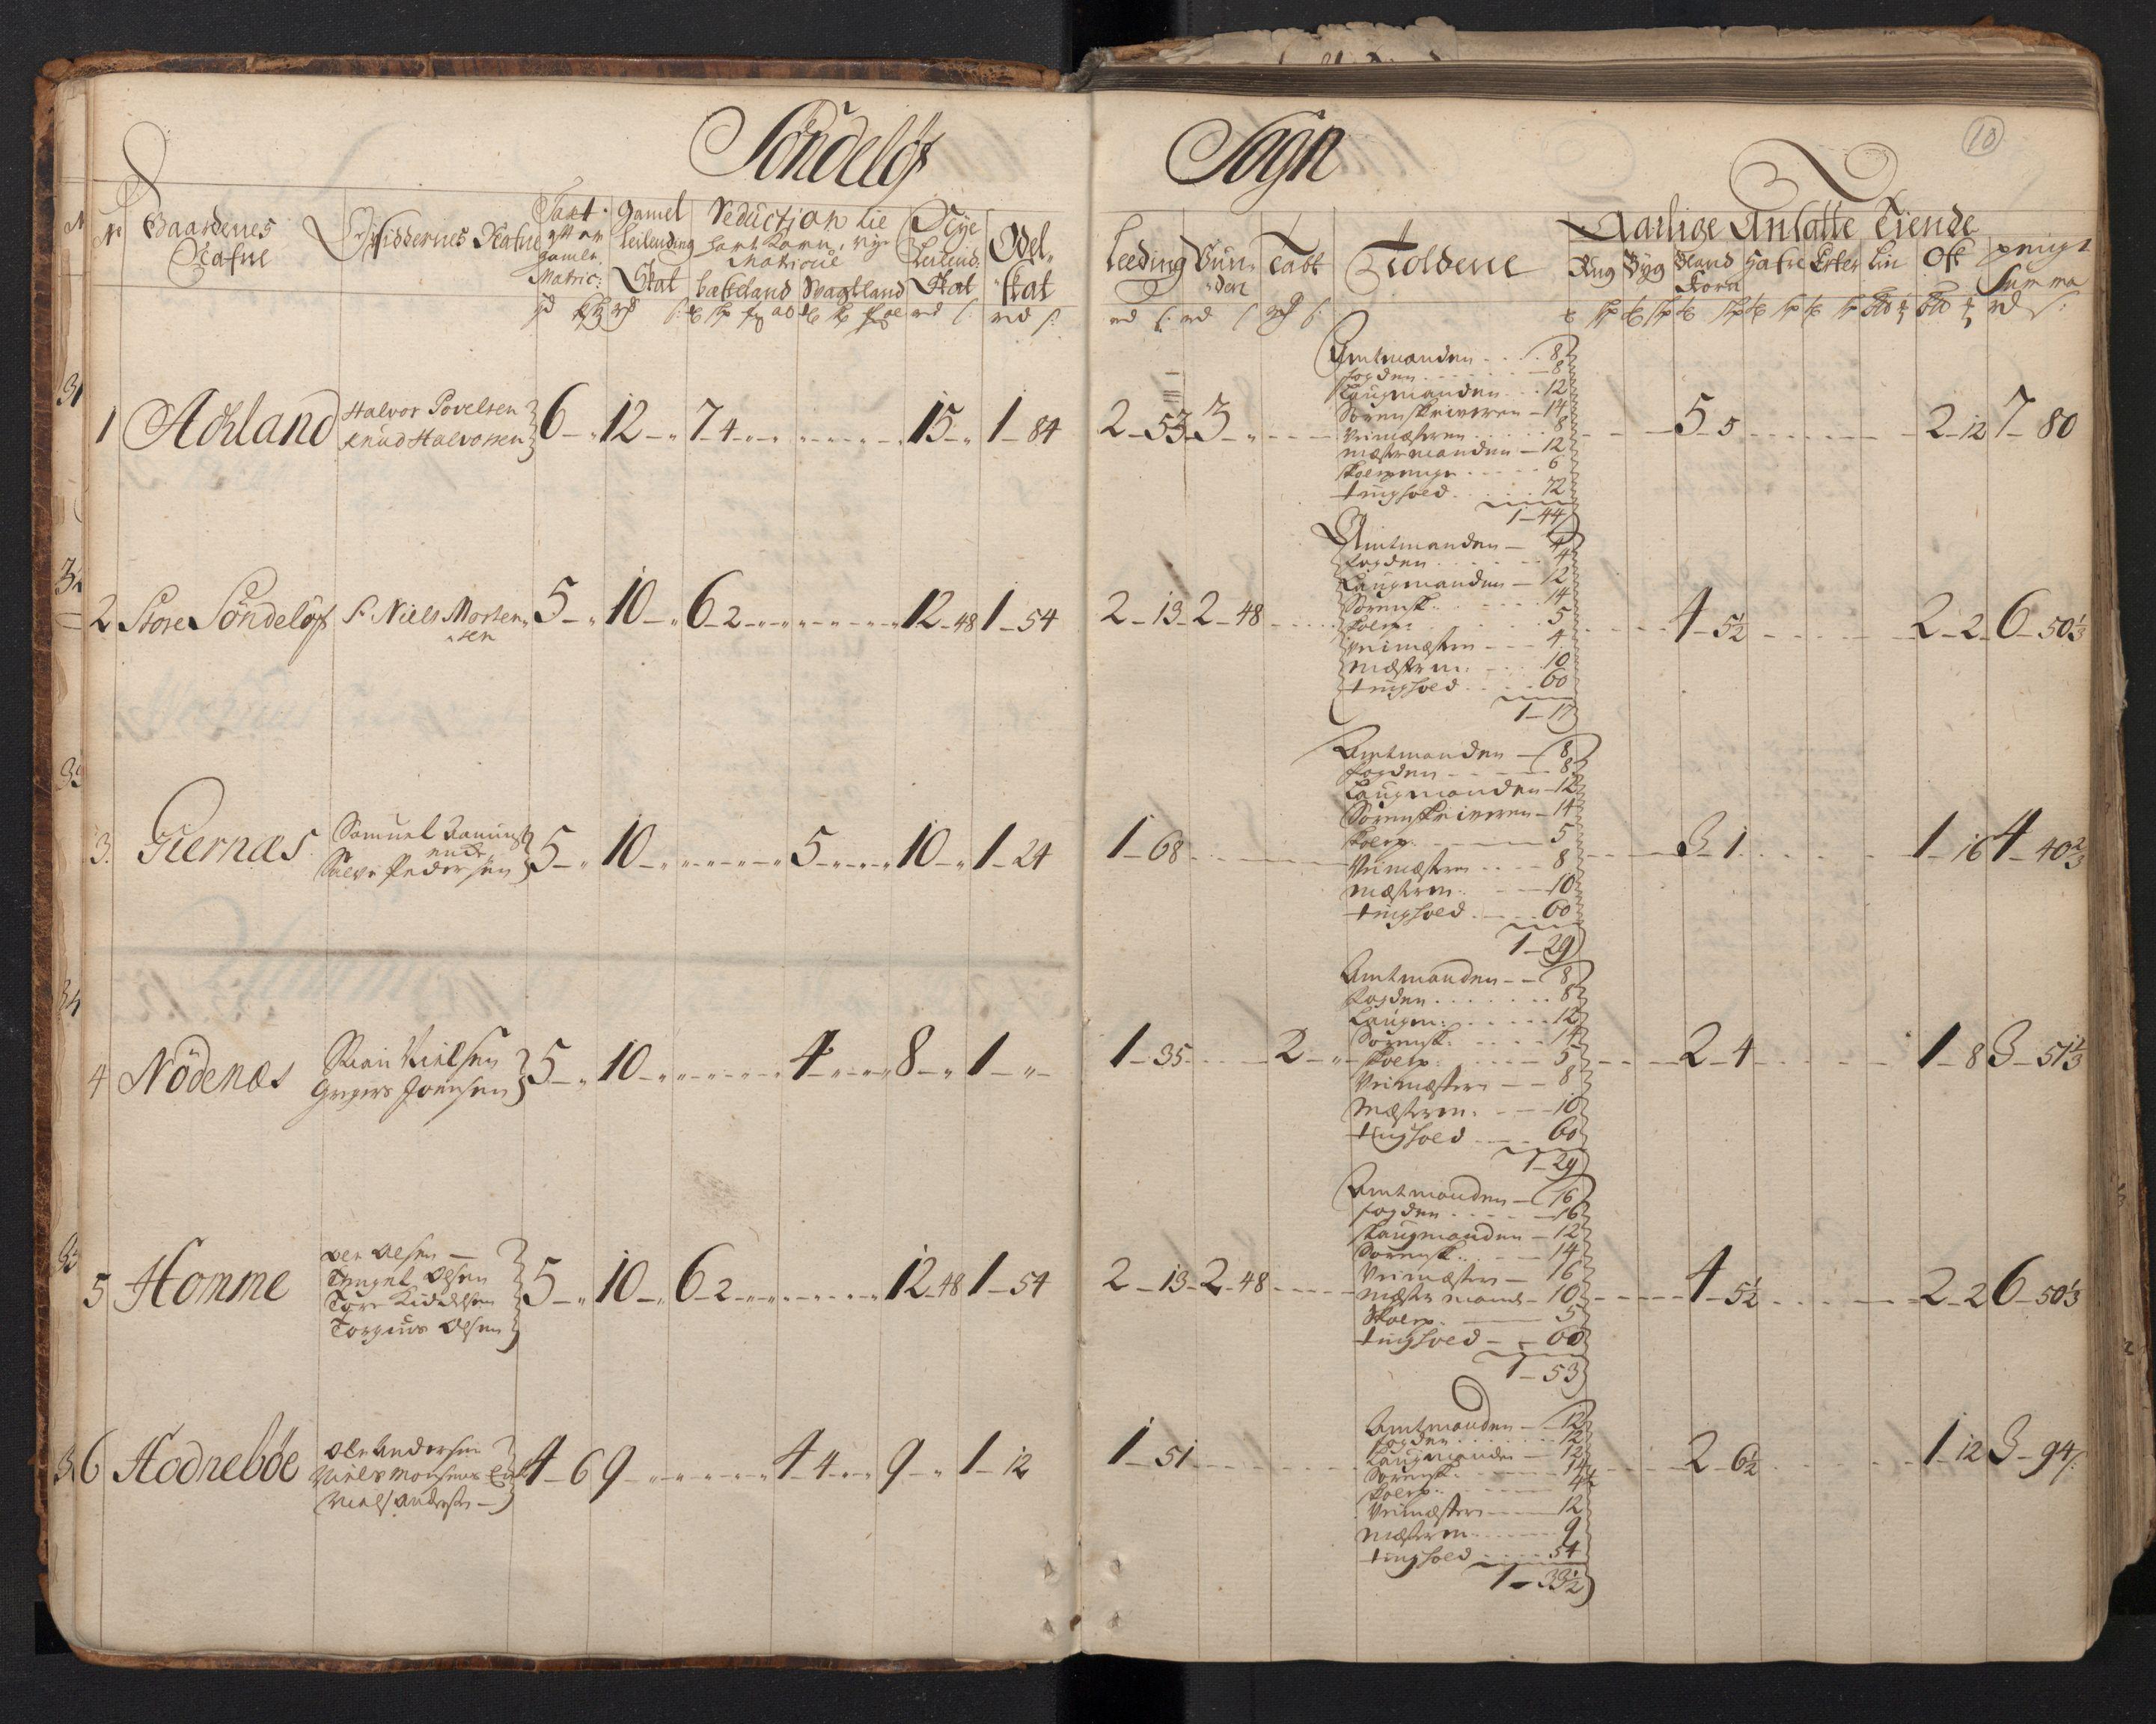 RA, Rentekammeret inntil 1814, Realistisk ordnet avdeling, N/Nb/Nbf/L0123: Nedenes matrikkelprotokoll, 1723, s. 9b-10a